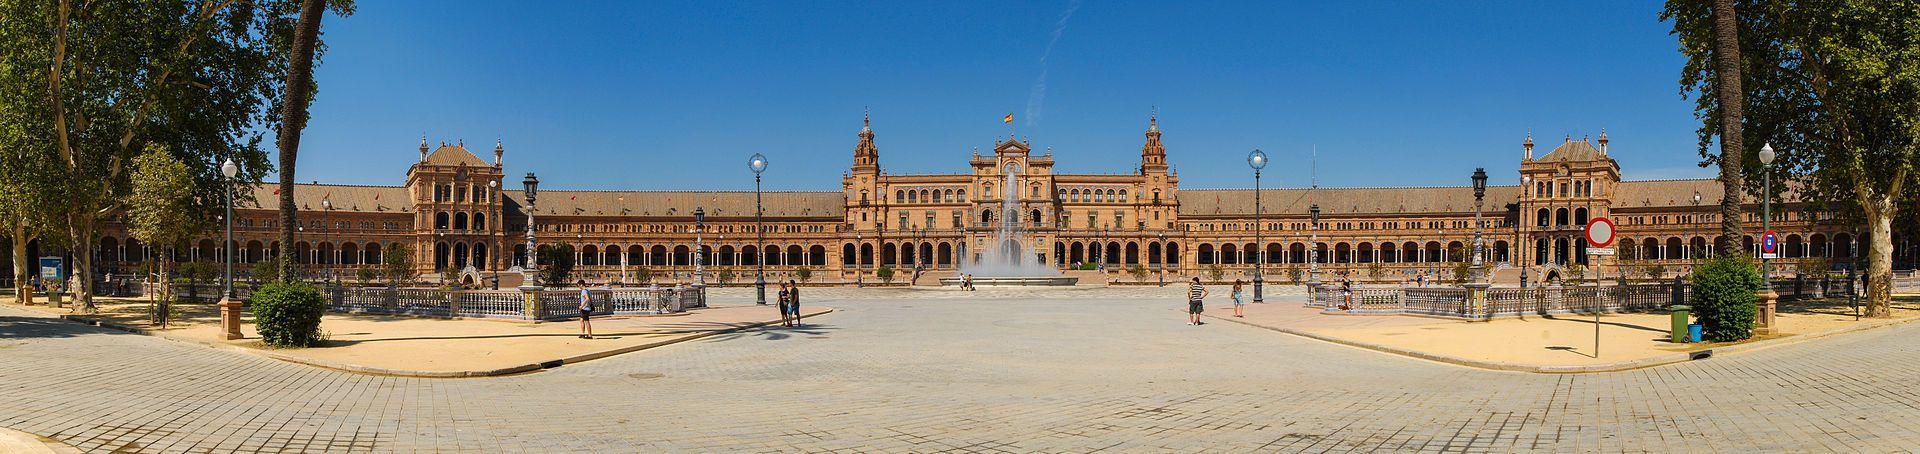 El sur no brilla, Andalucía sencillamente DESLUMBRA!